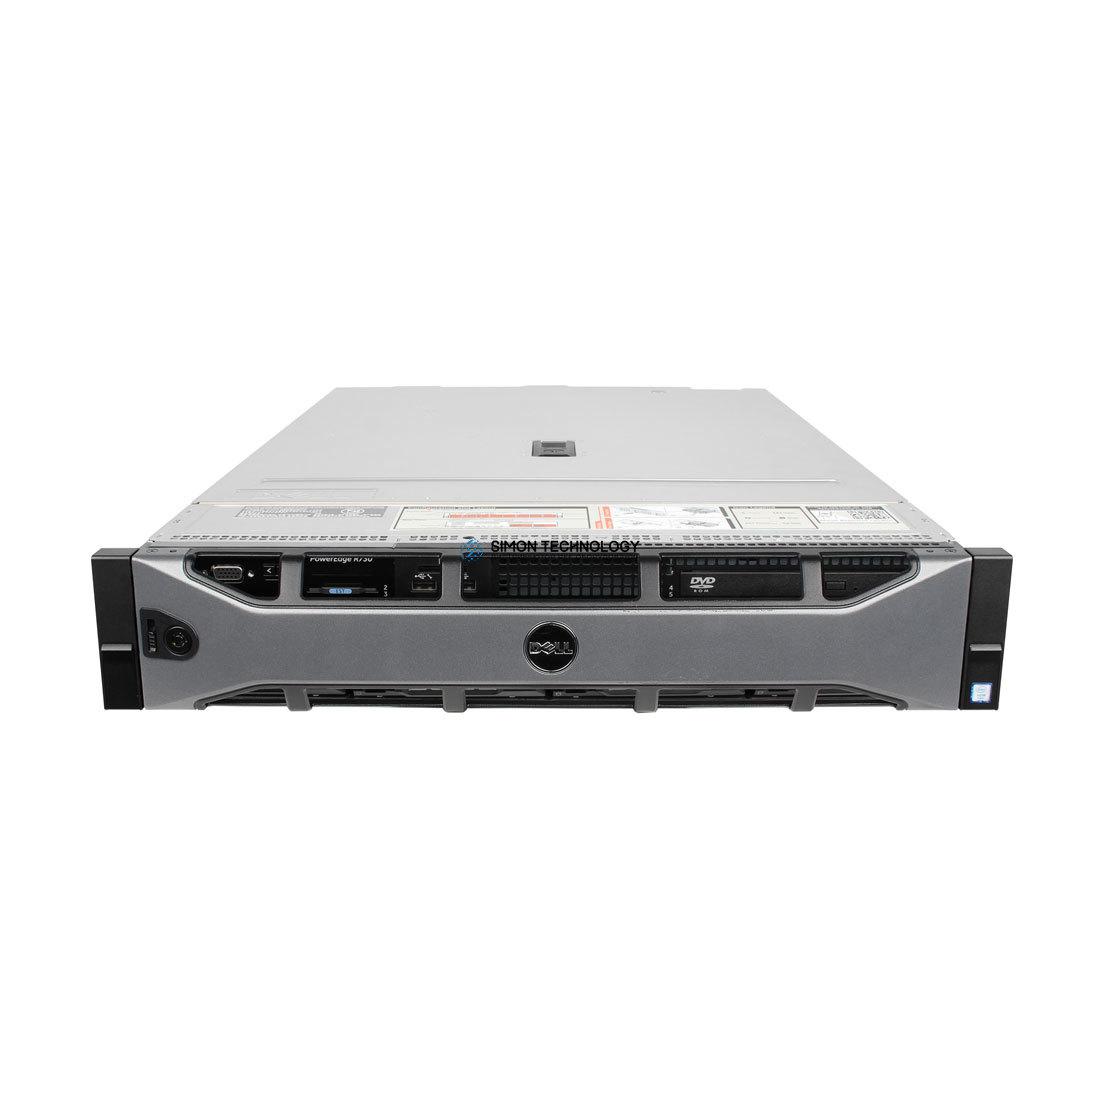 Сервер Dell PER730 E5-2620V3 1P 16GB PERC H730 8 SFF 1X PSU (R730-E52620V3)